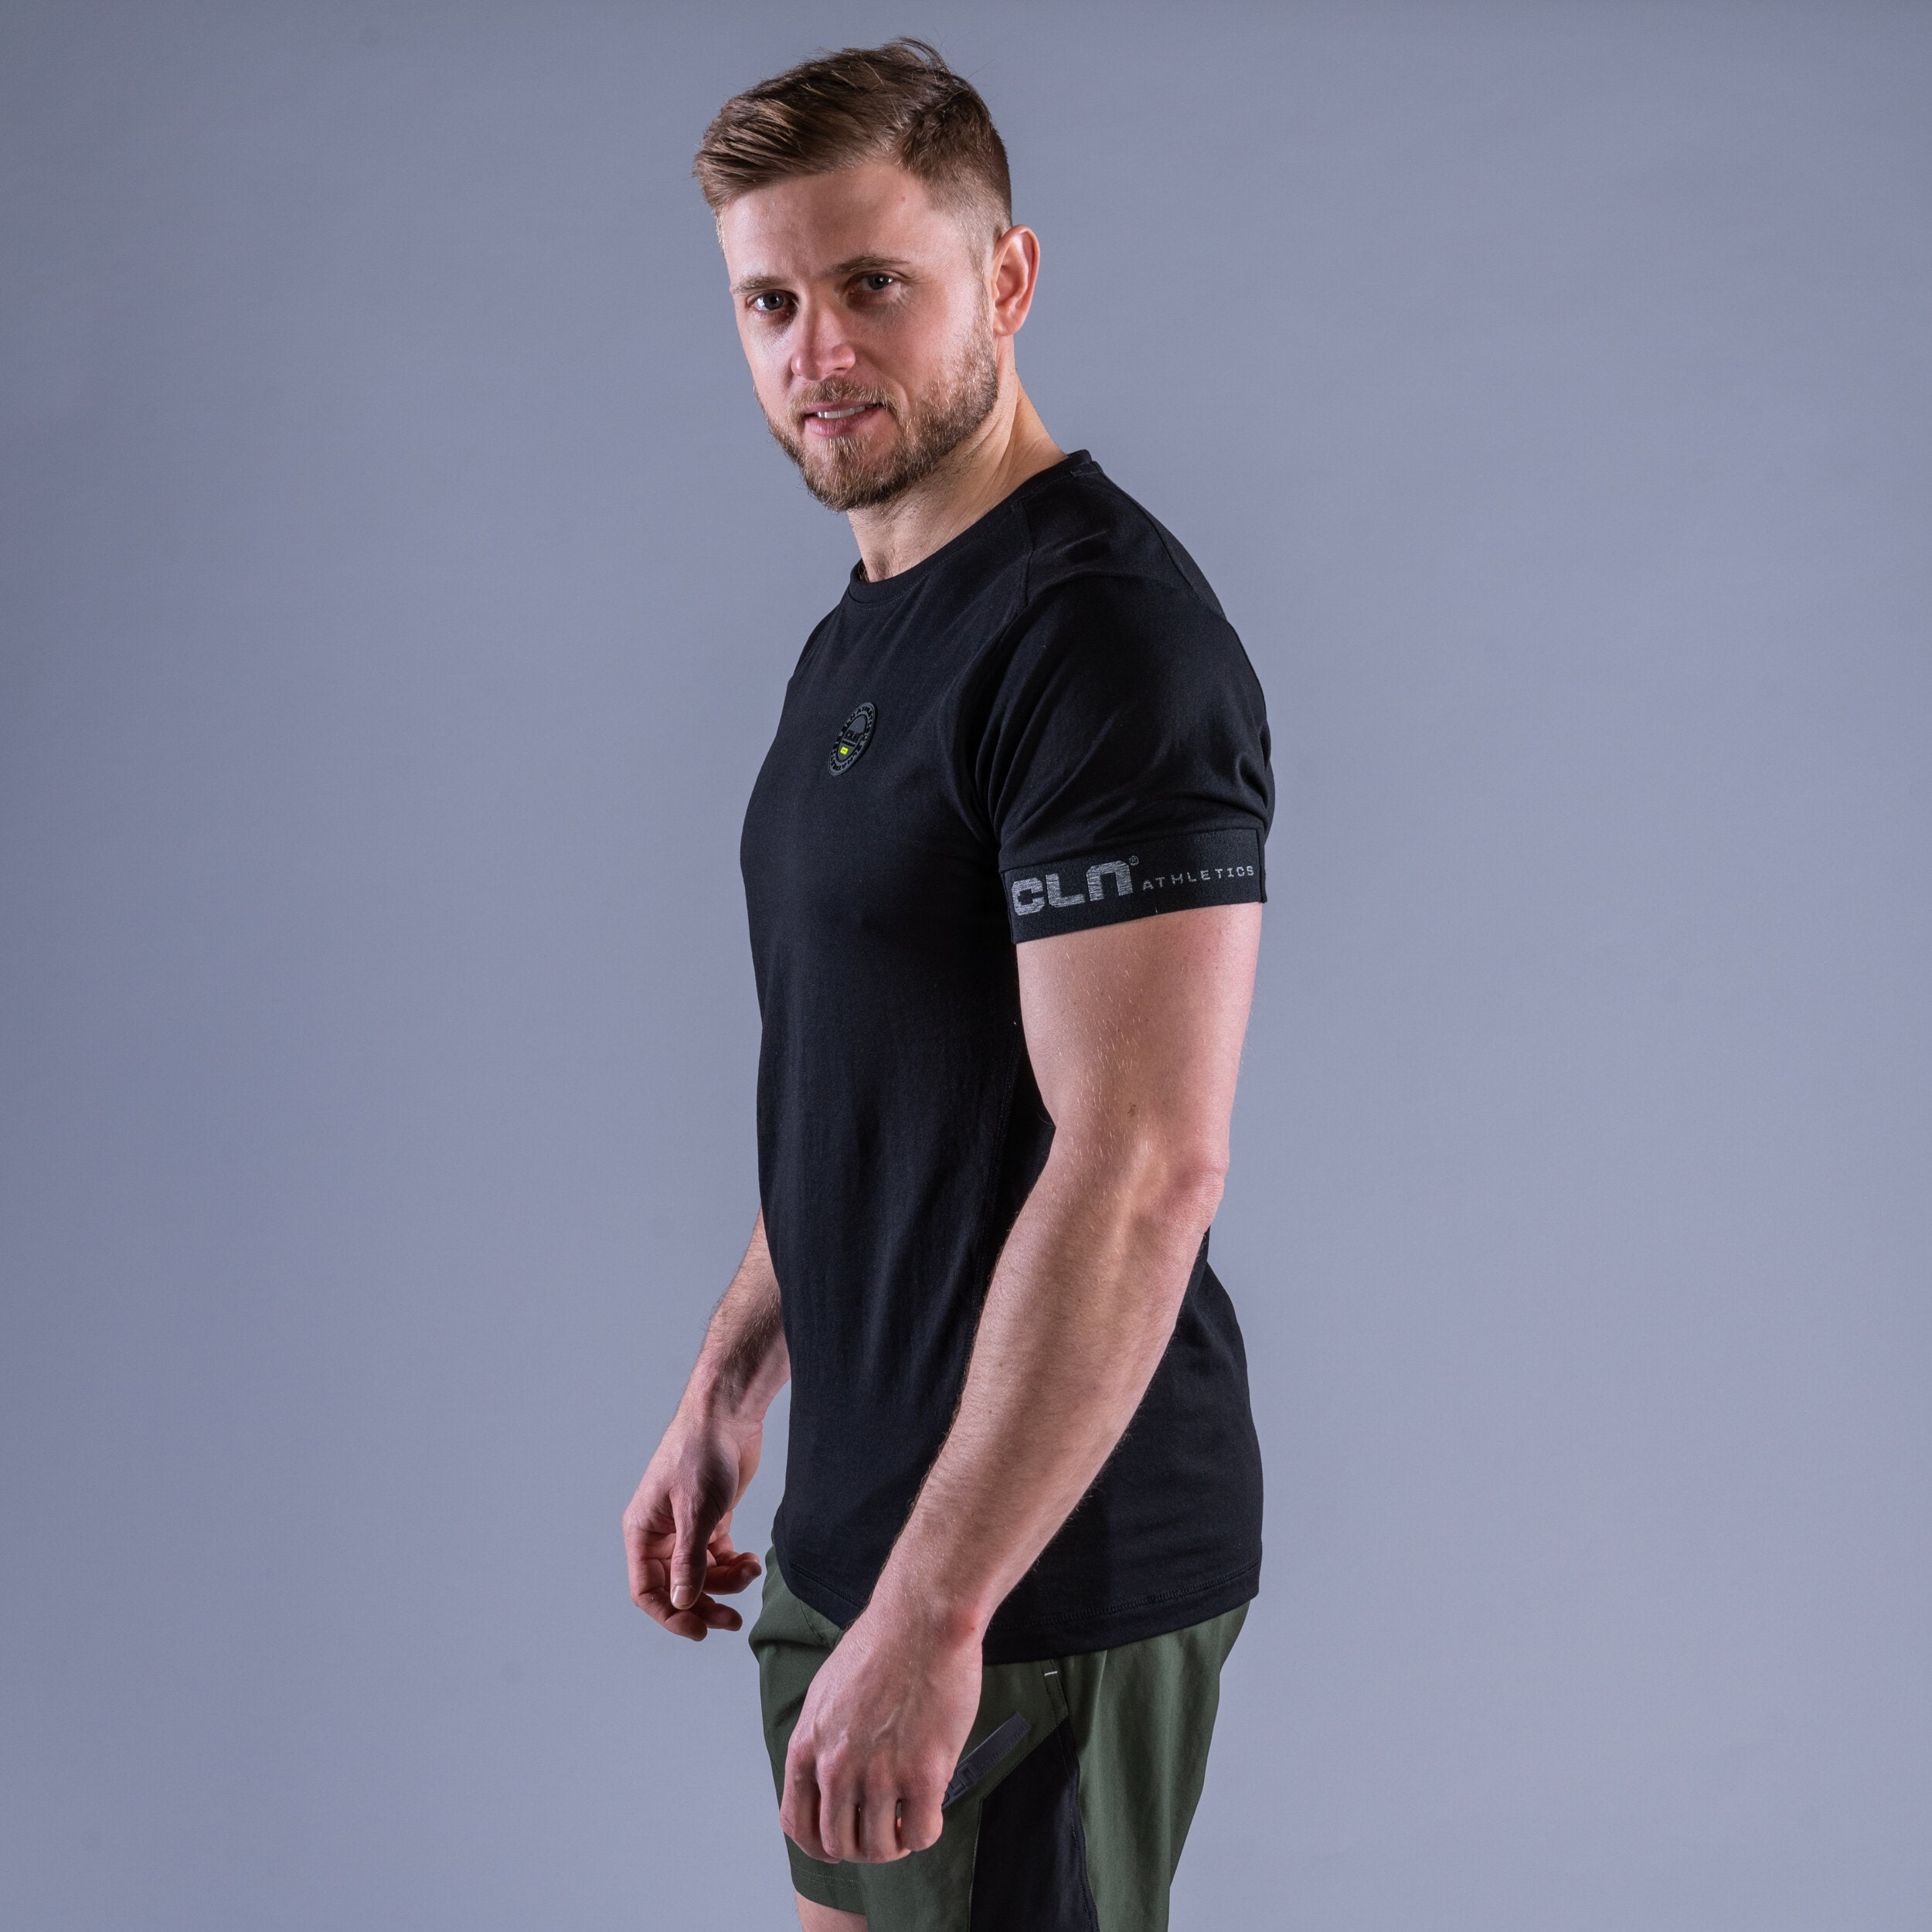 CLN Rush t-shirt Black